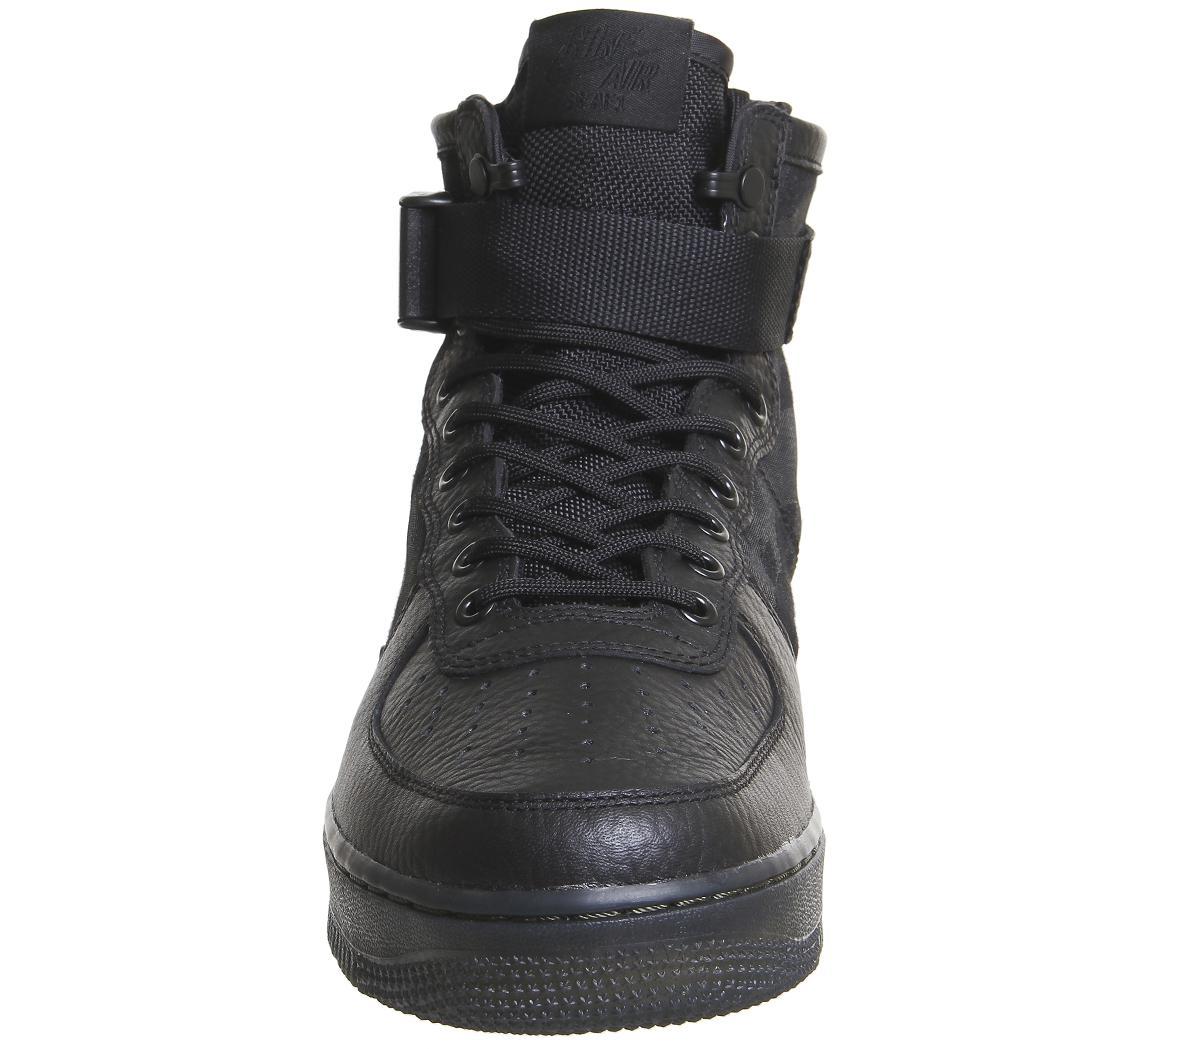 Lyst - Nike Sf Af1 Mid 17 in Black for Men ea5333776